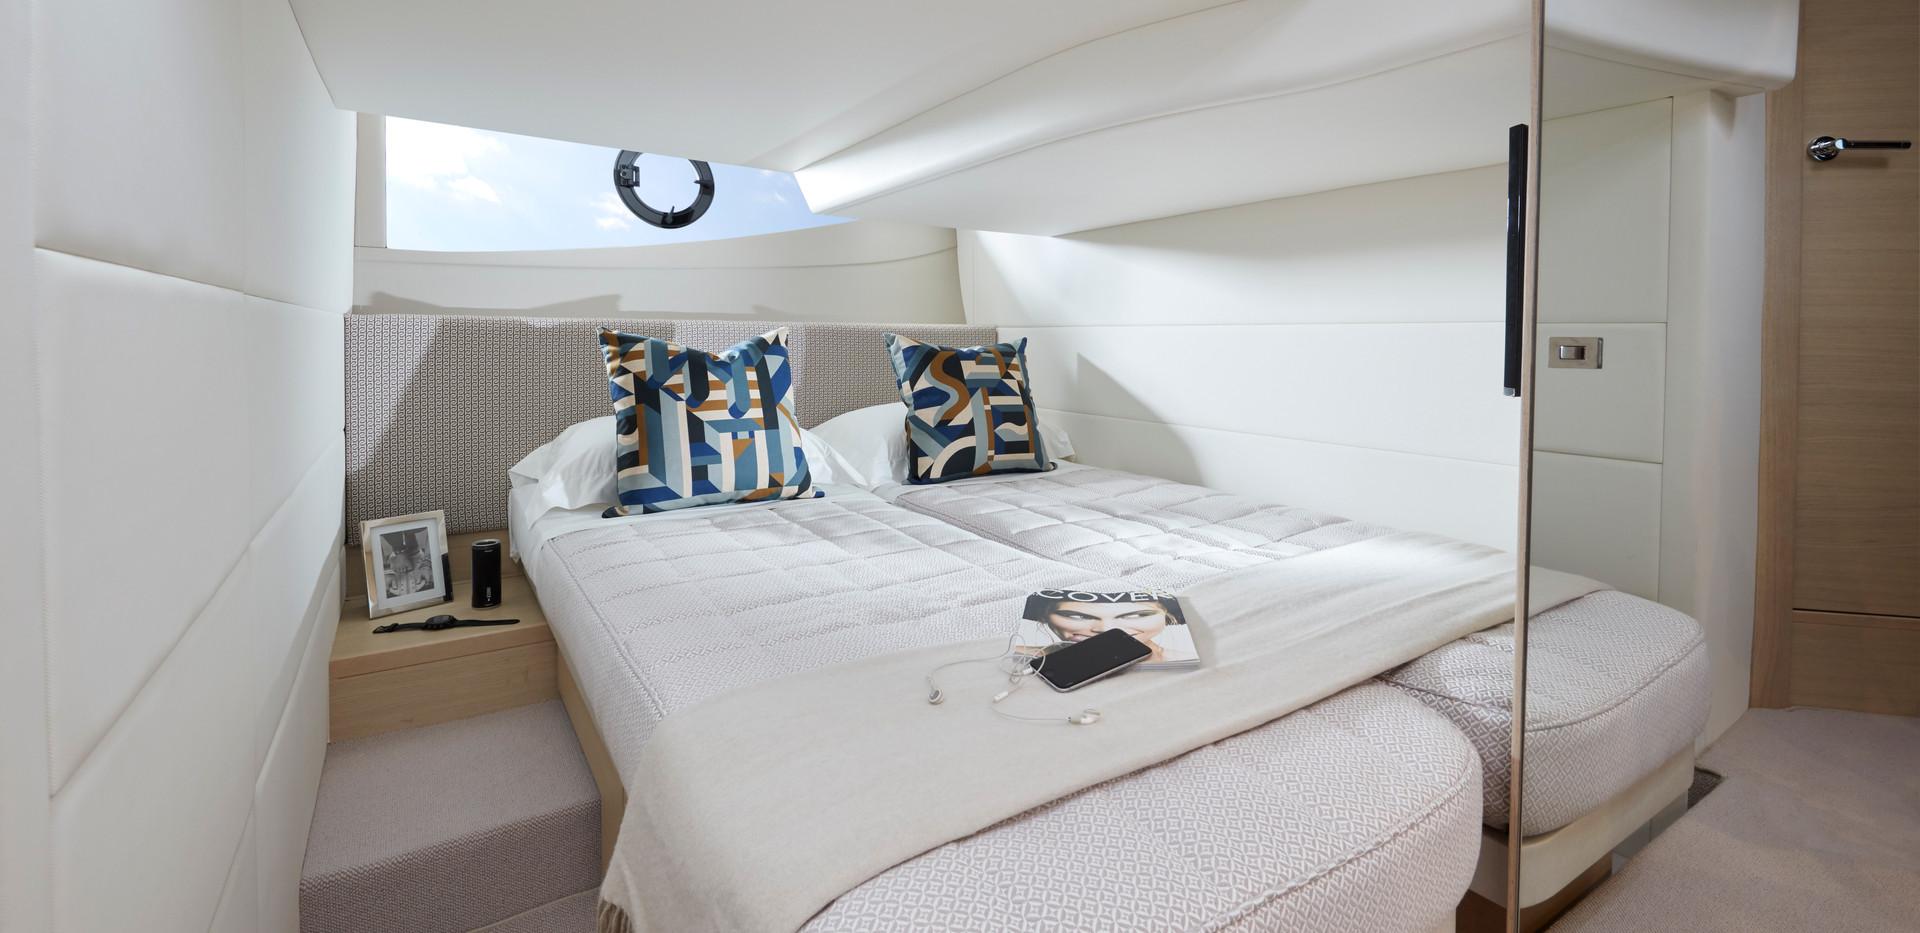 v40-interior-aft-cabin-beds-together-alb